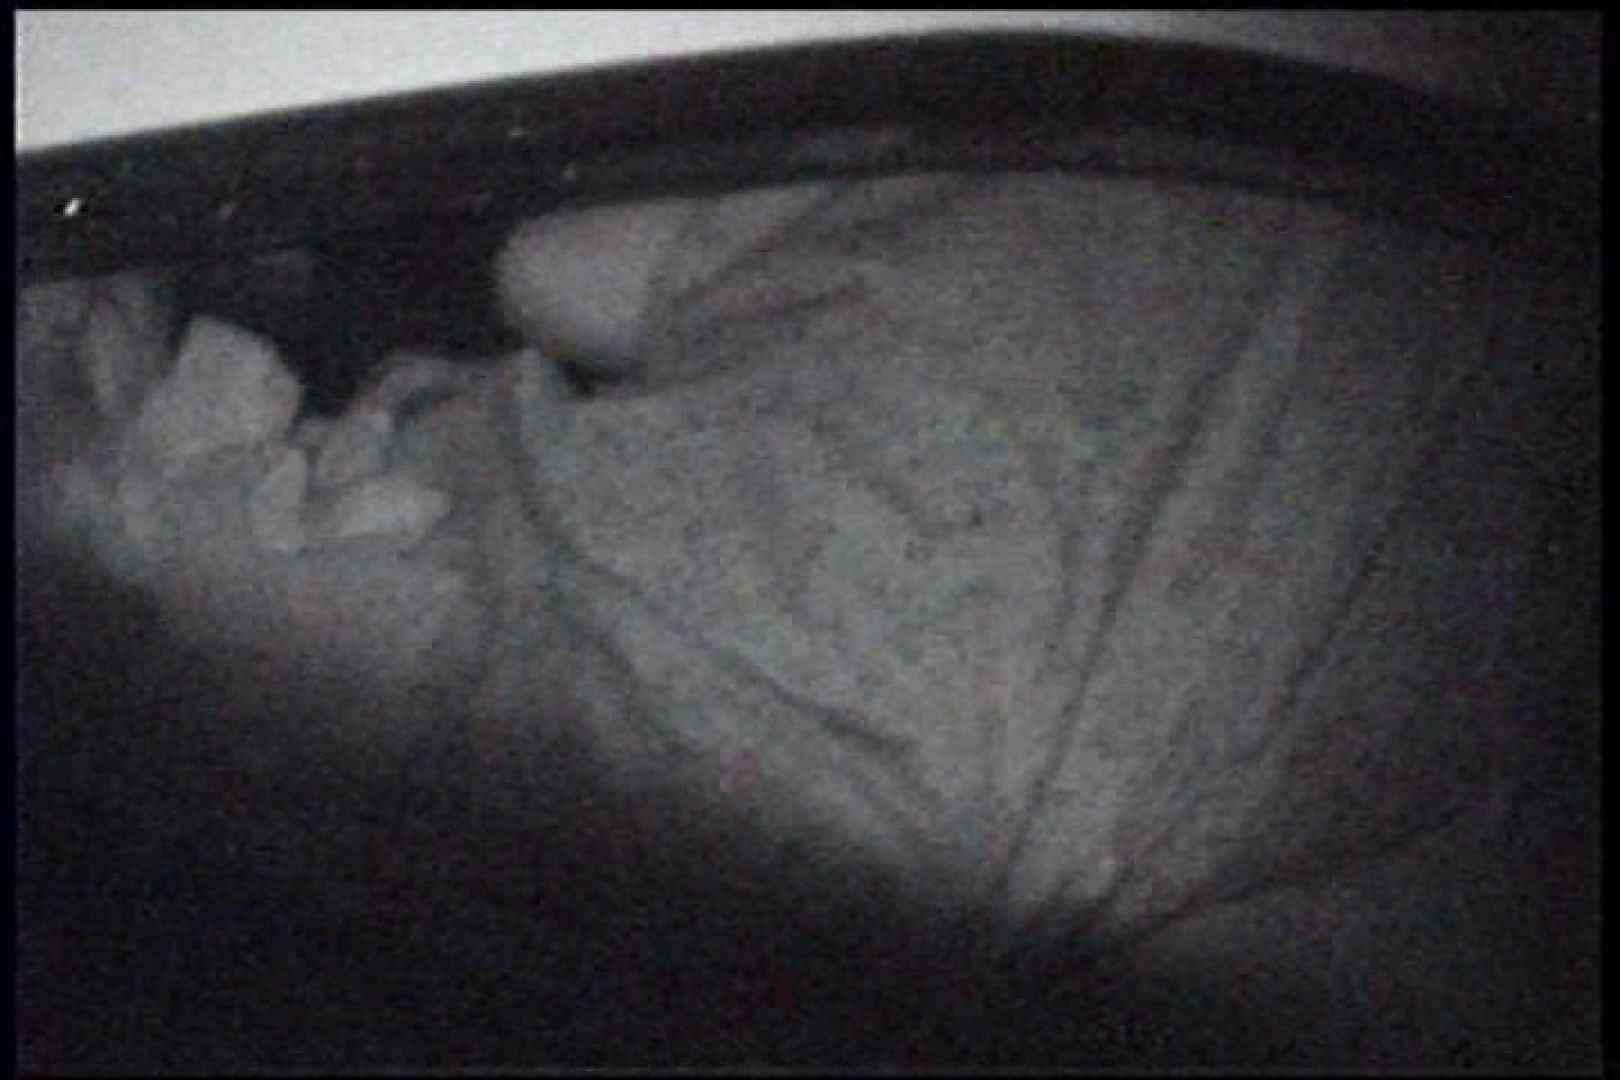 充血監督の深夜の運動会Vol.235 OLエロ画像  97PICs 32